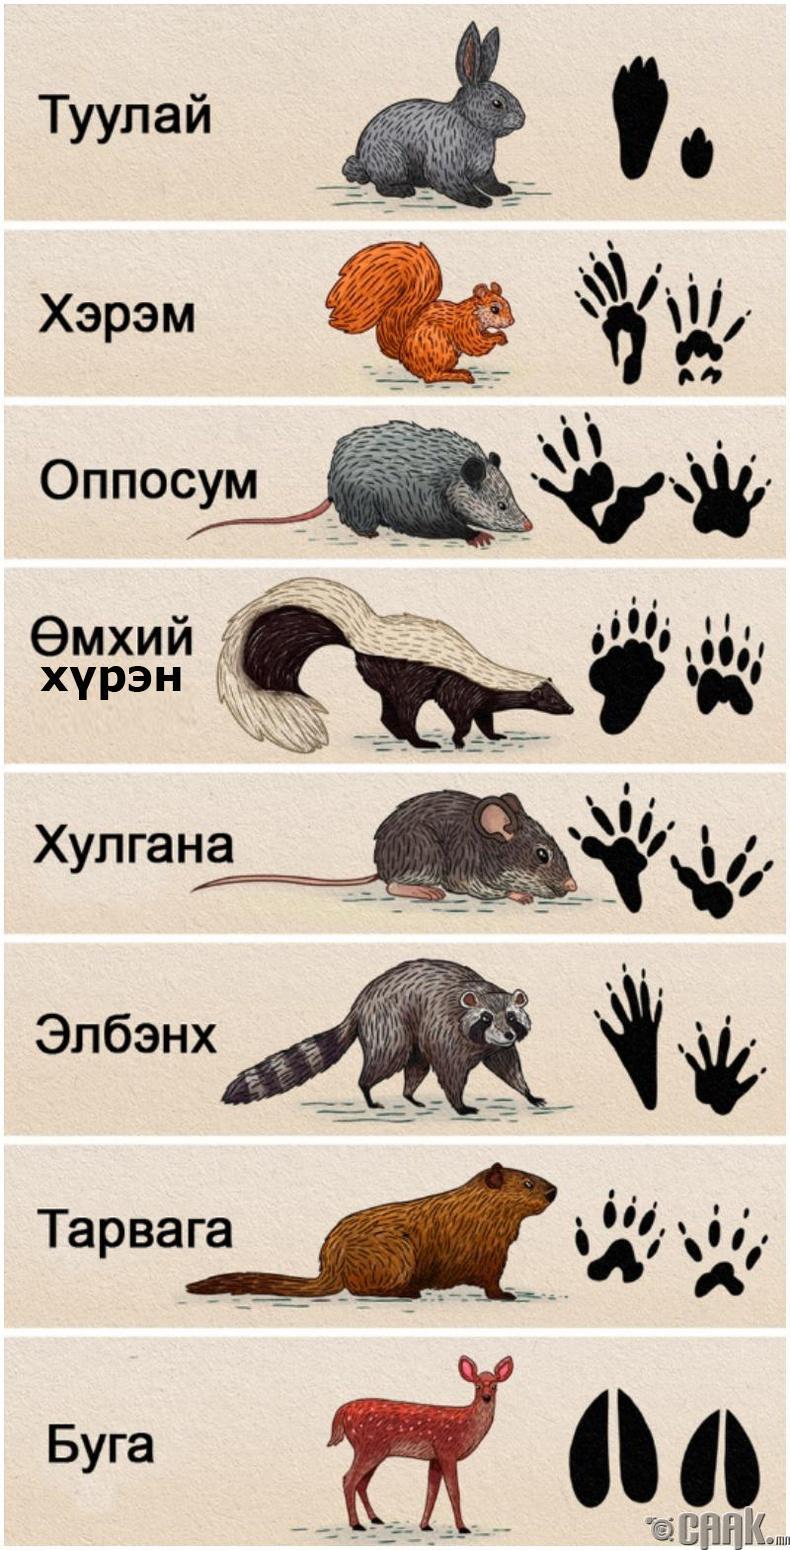 Хөлийн улаар нь амьтныг хэрхэн тодорхойлох вэ?